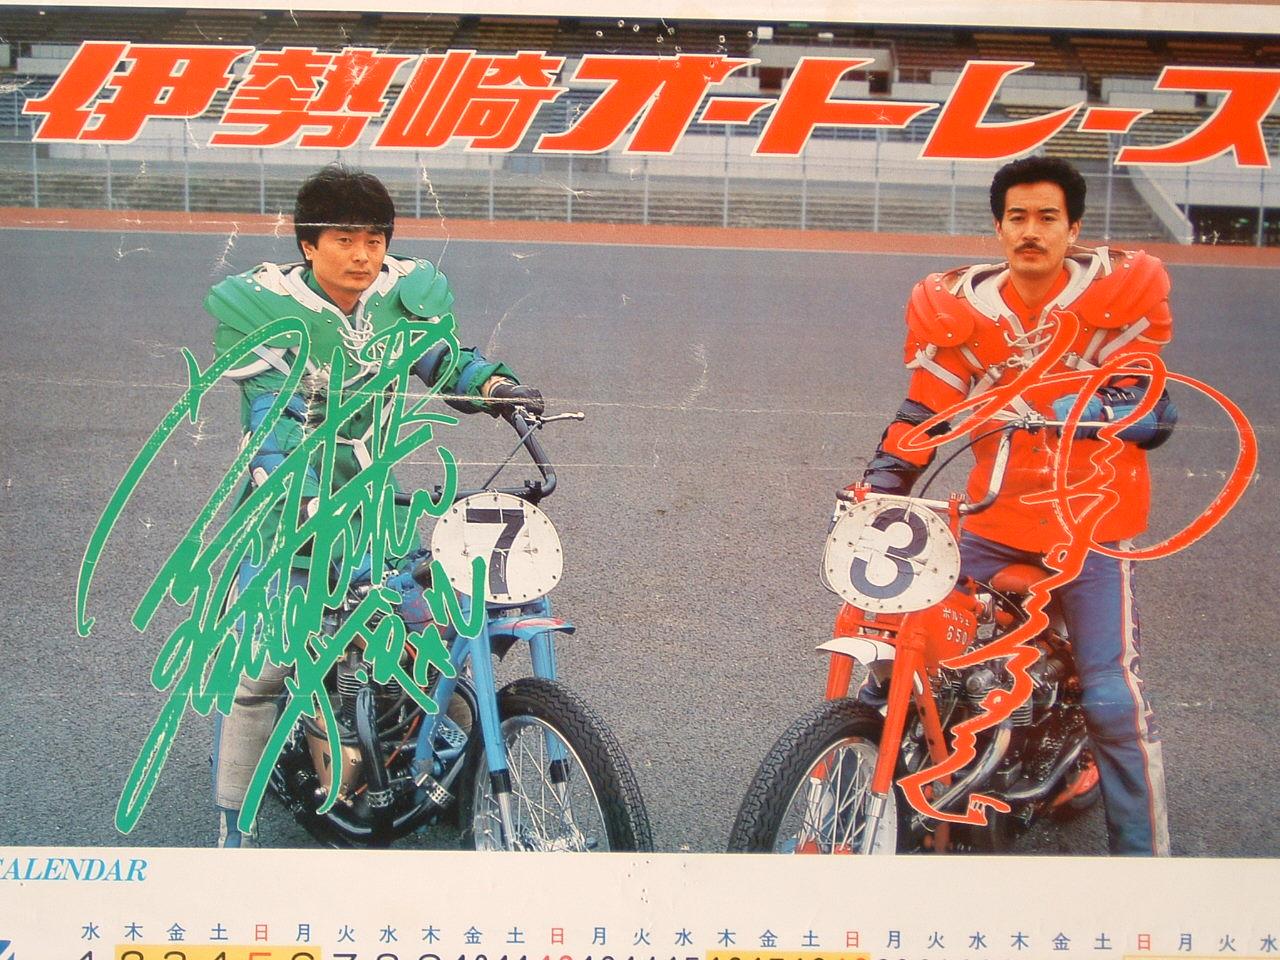 今日 の オート レース